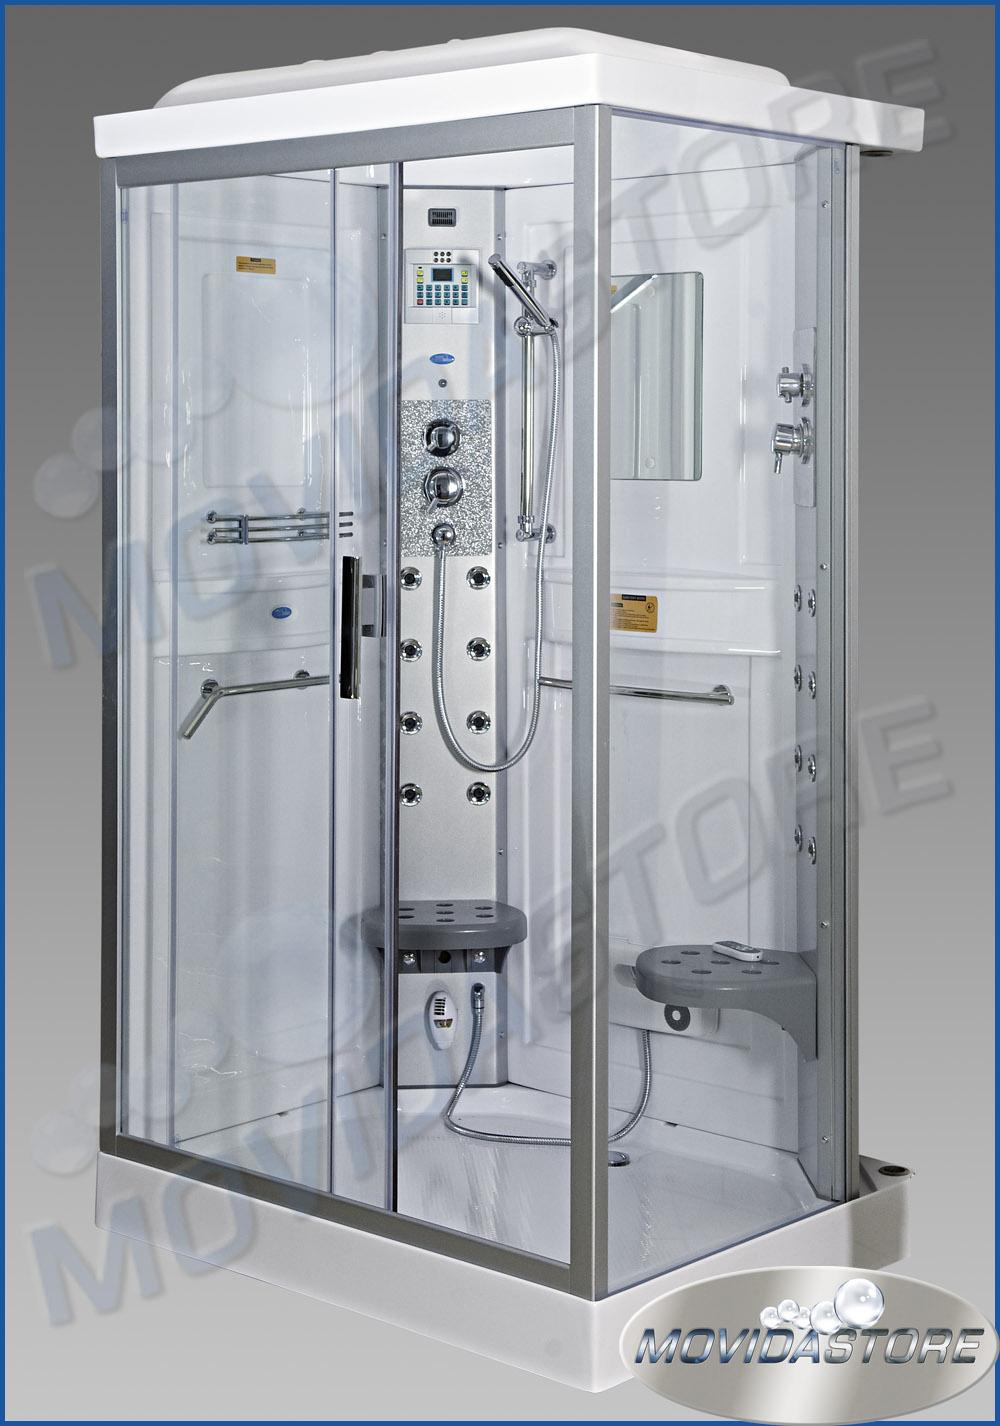 Box cabina doccia idromassaggio bagno rettangolare sauna for Cabina doccia eklis montaggio